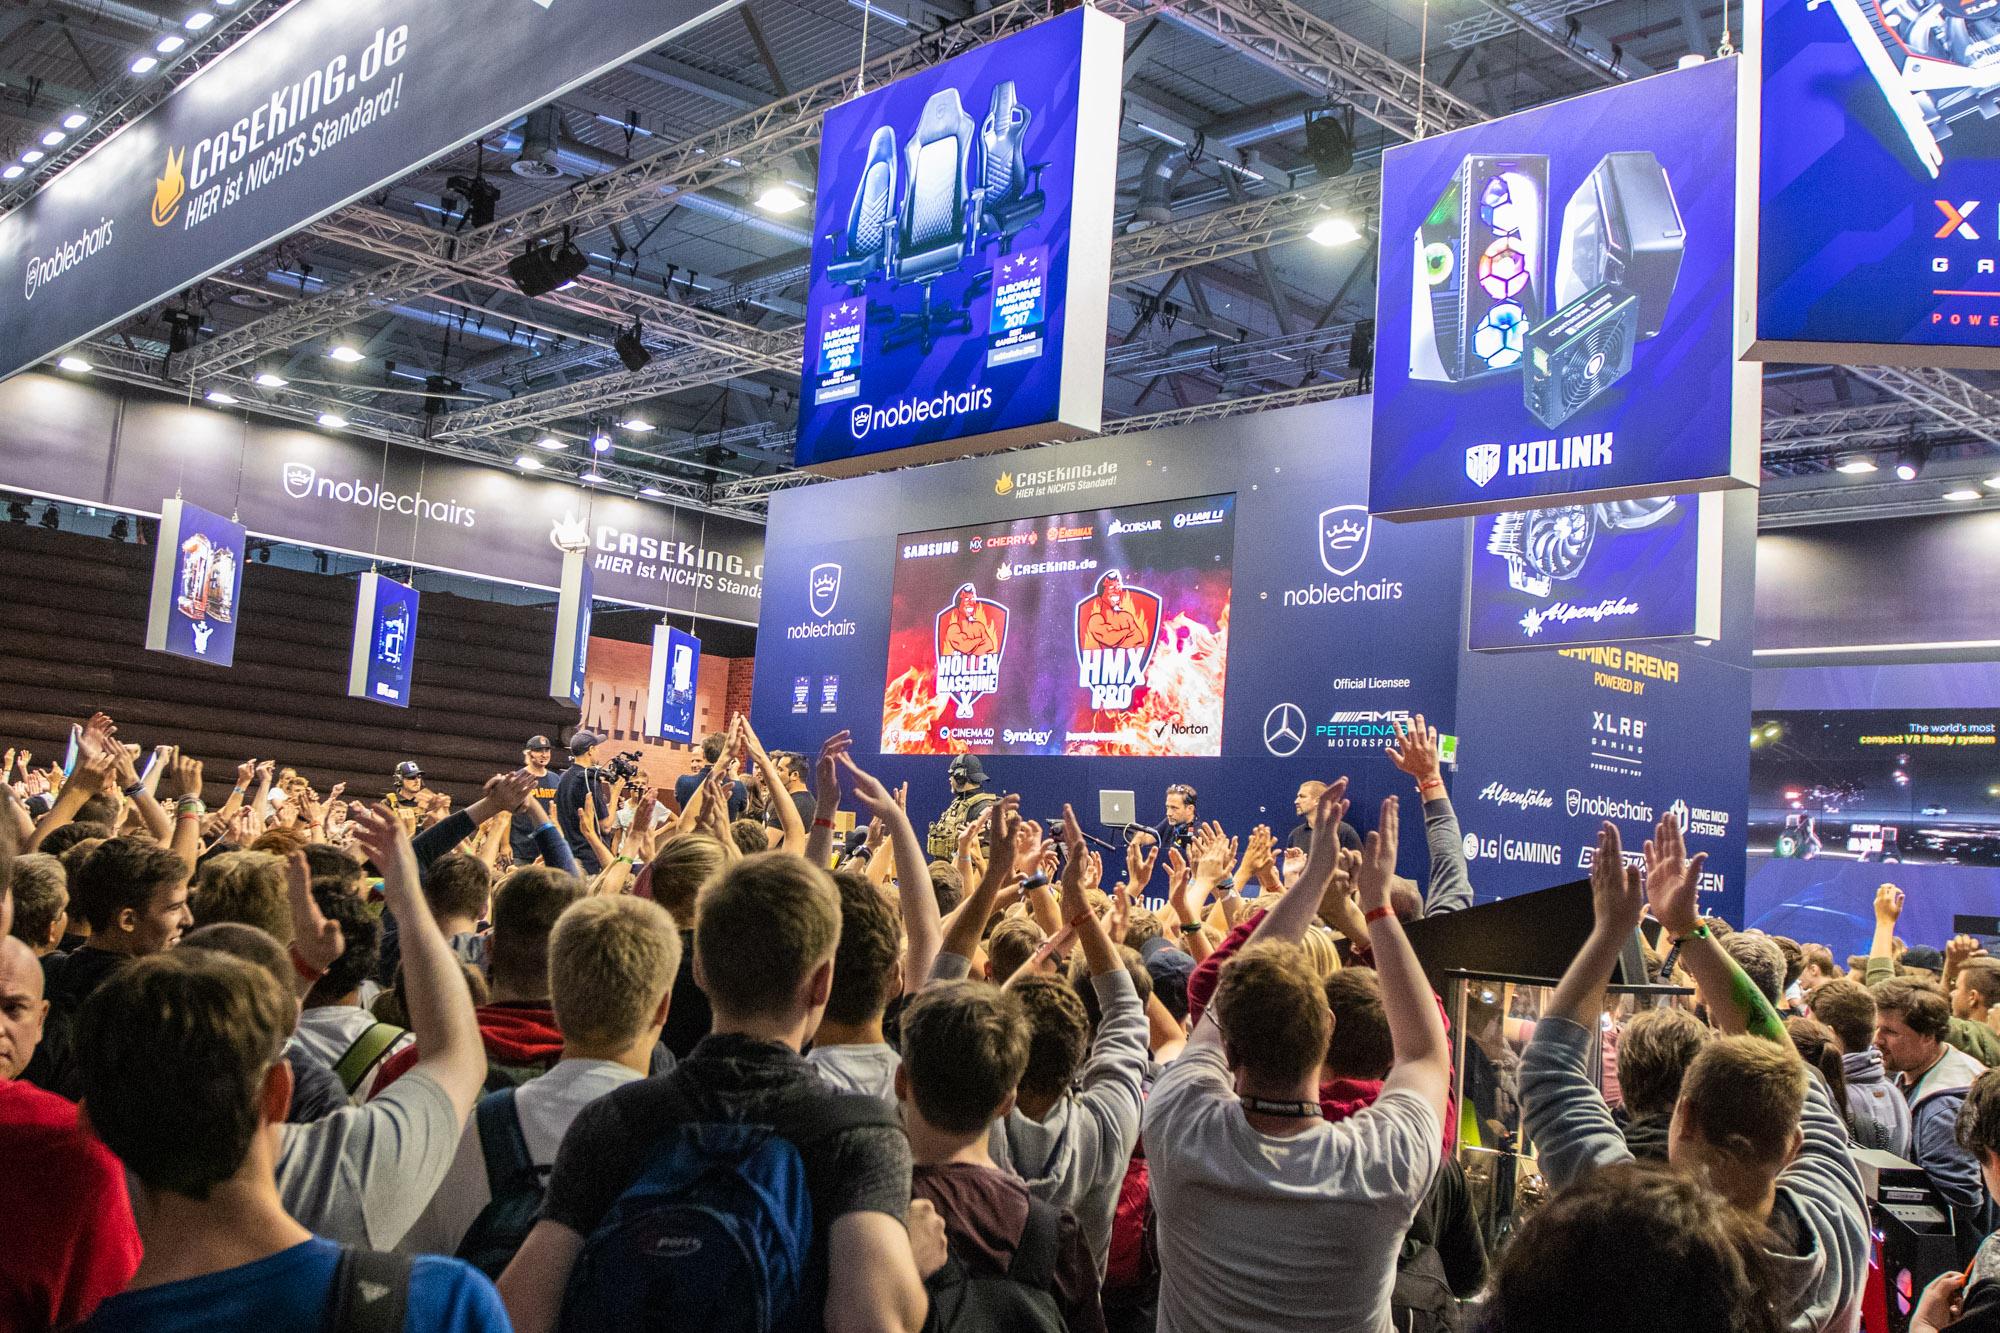 gamescom 2019 am 21. August 2019 @ Köln.